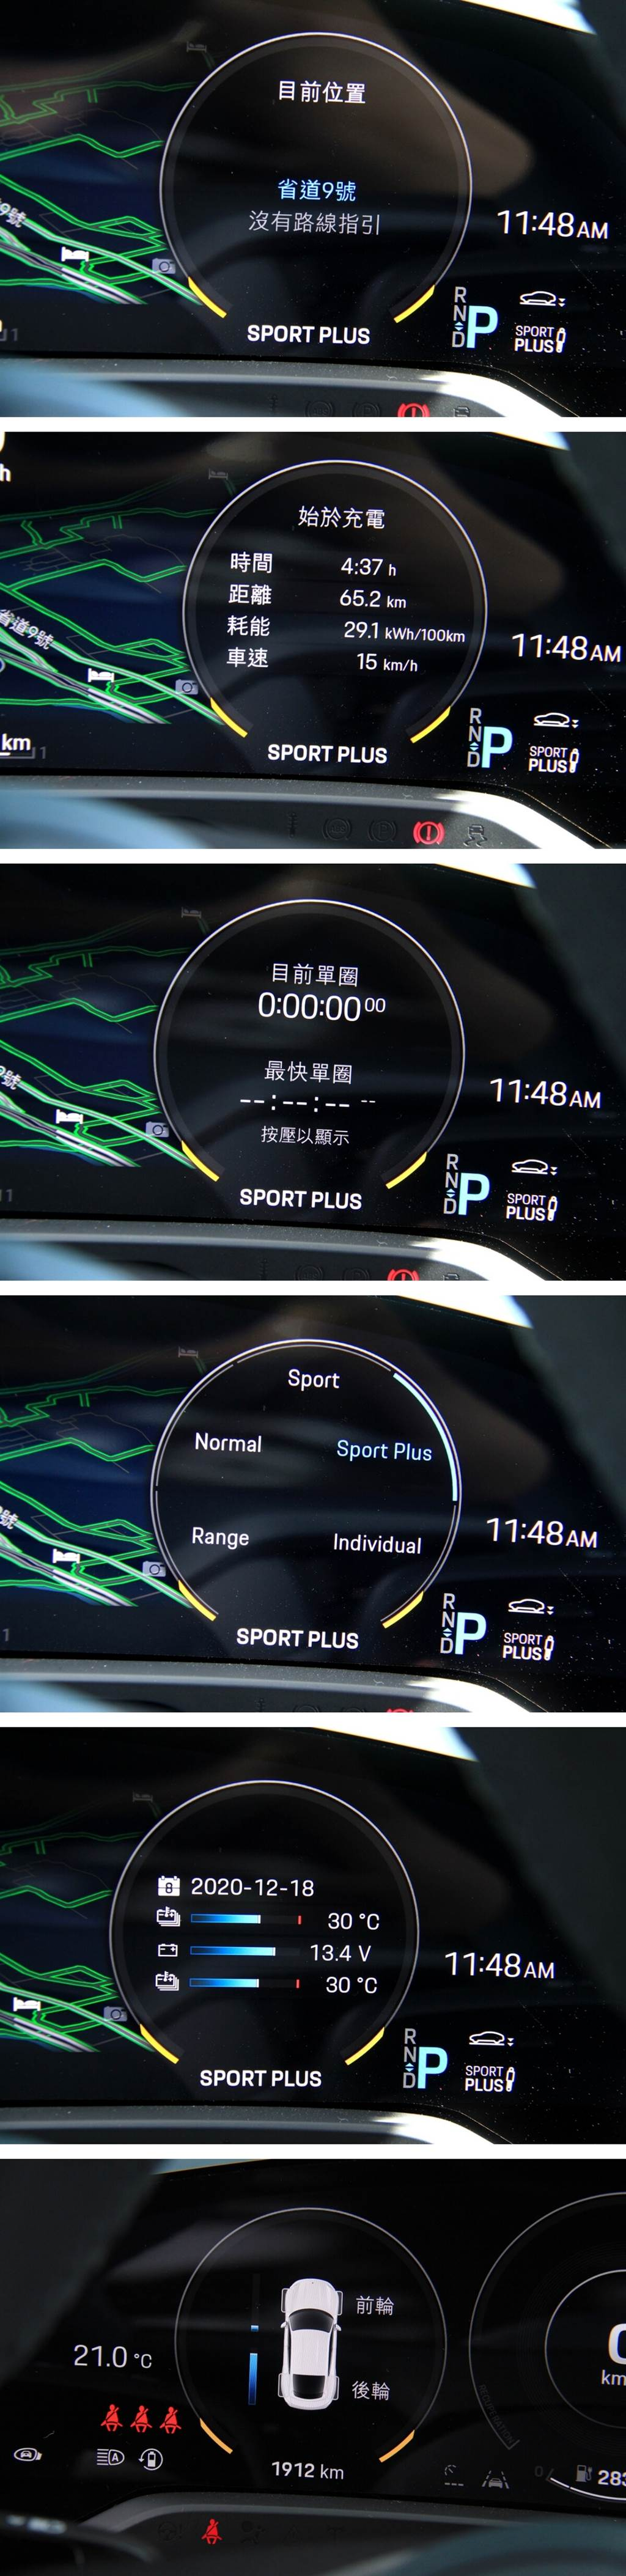 低負載行駛以後輪驅動為主,隨著加速踏板的深踩(例如:起步急加速)才會逐漸啟動前軸馬達。